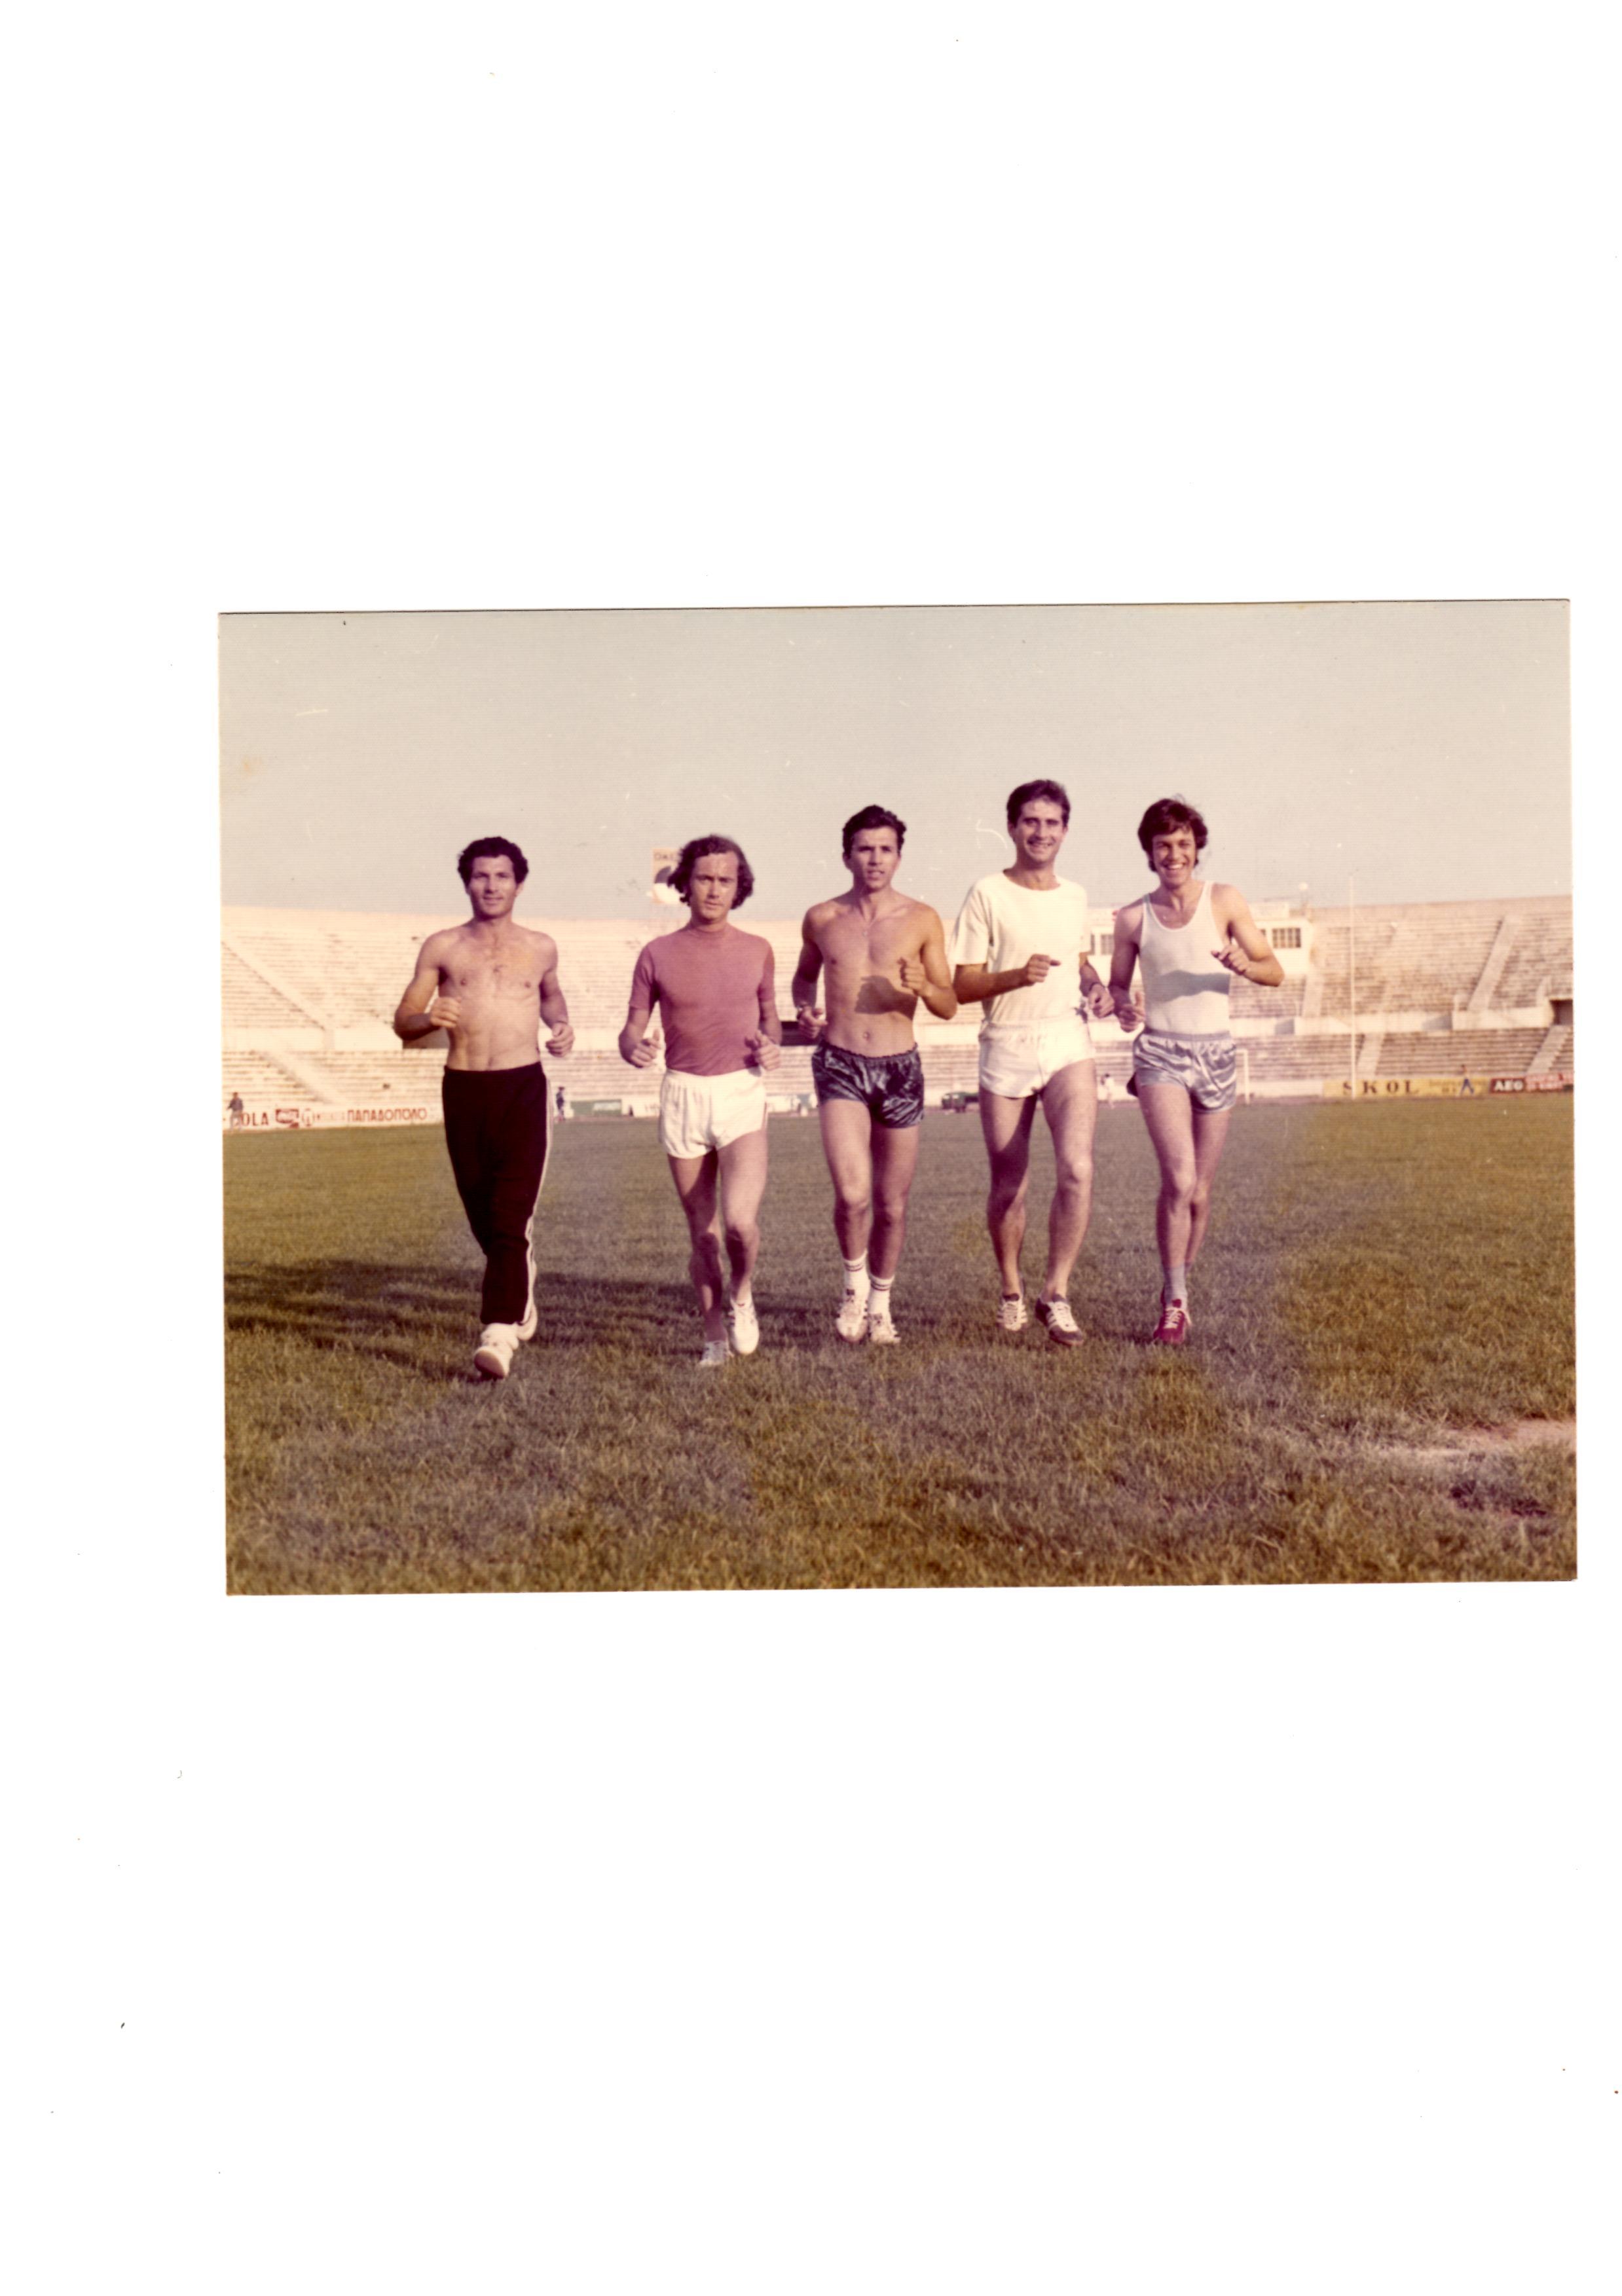 1975..Προπονηση στο Καυταντζογλειο με Σ.Κελλη, Σ.Παγκαλο, Γ.Τσιντζιλη